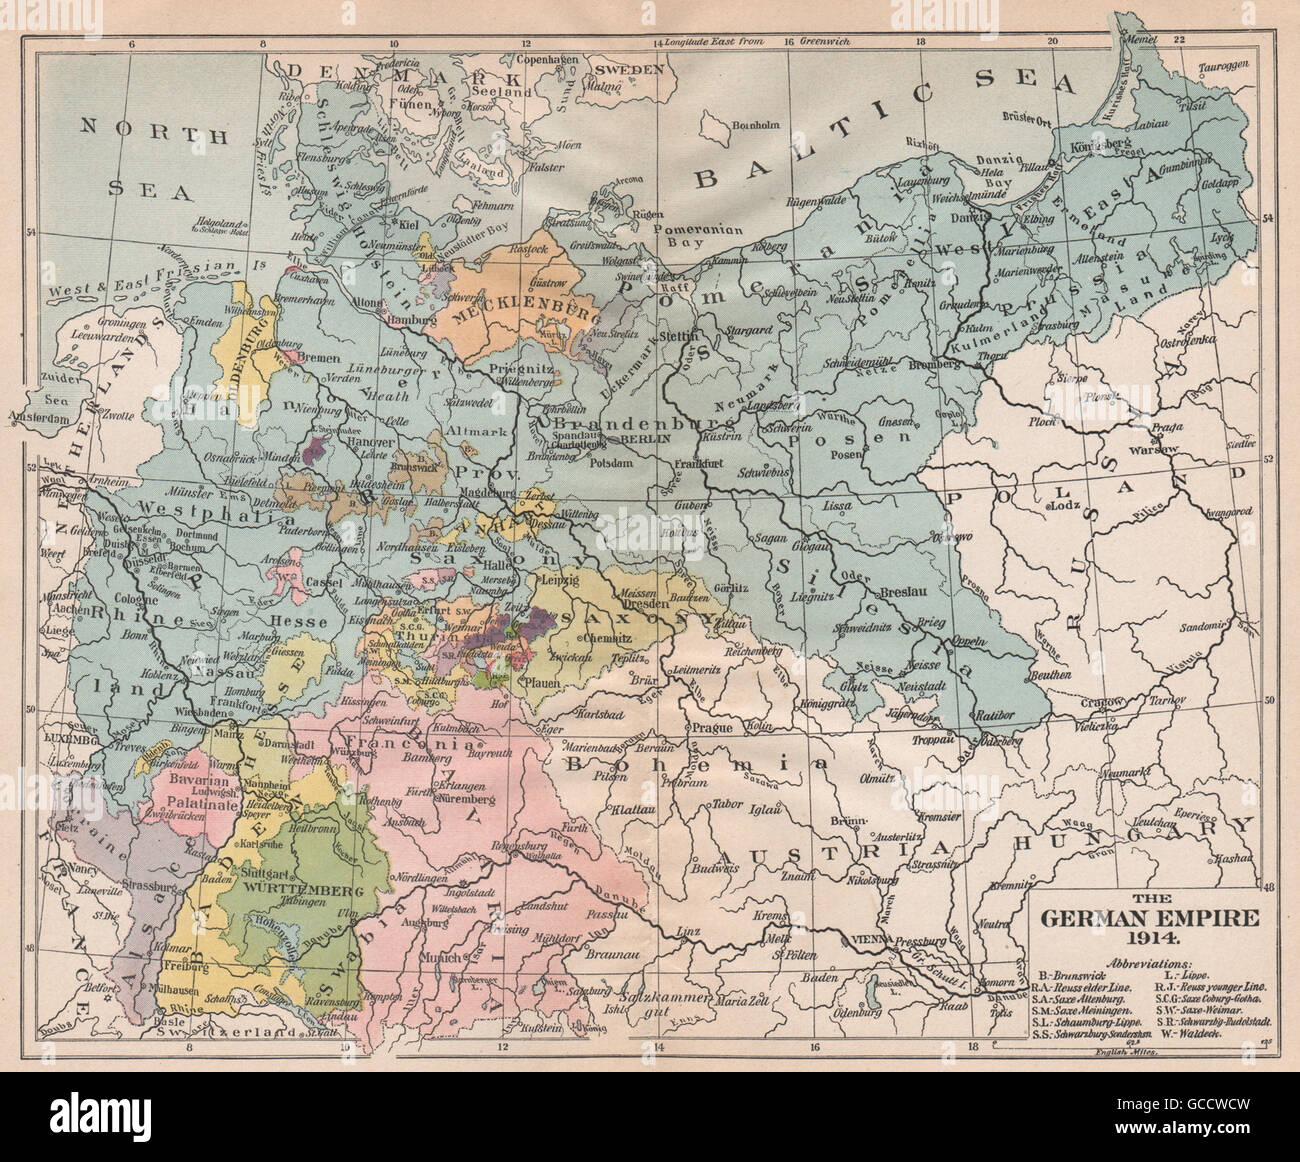 Karte Deutsches Reich 1914.Deutsches Reich 1914 Preussen Bayern Sachsen Baden